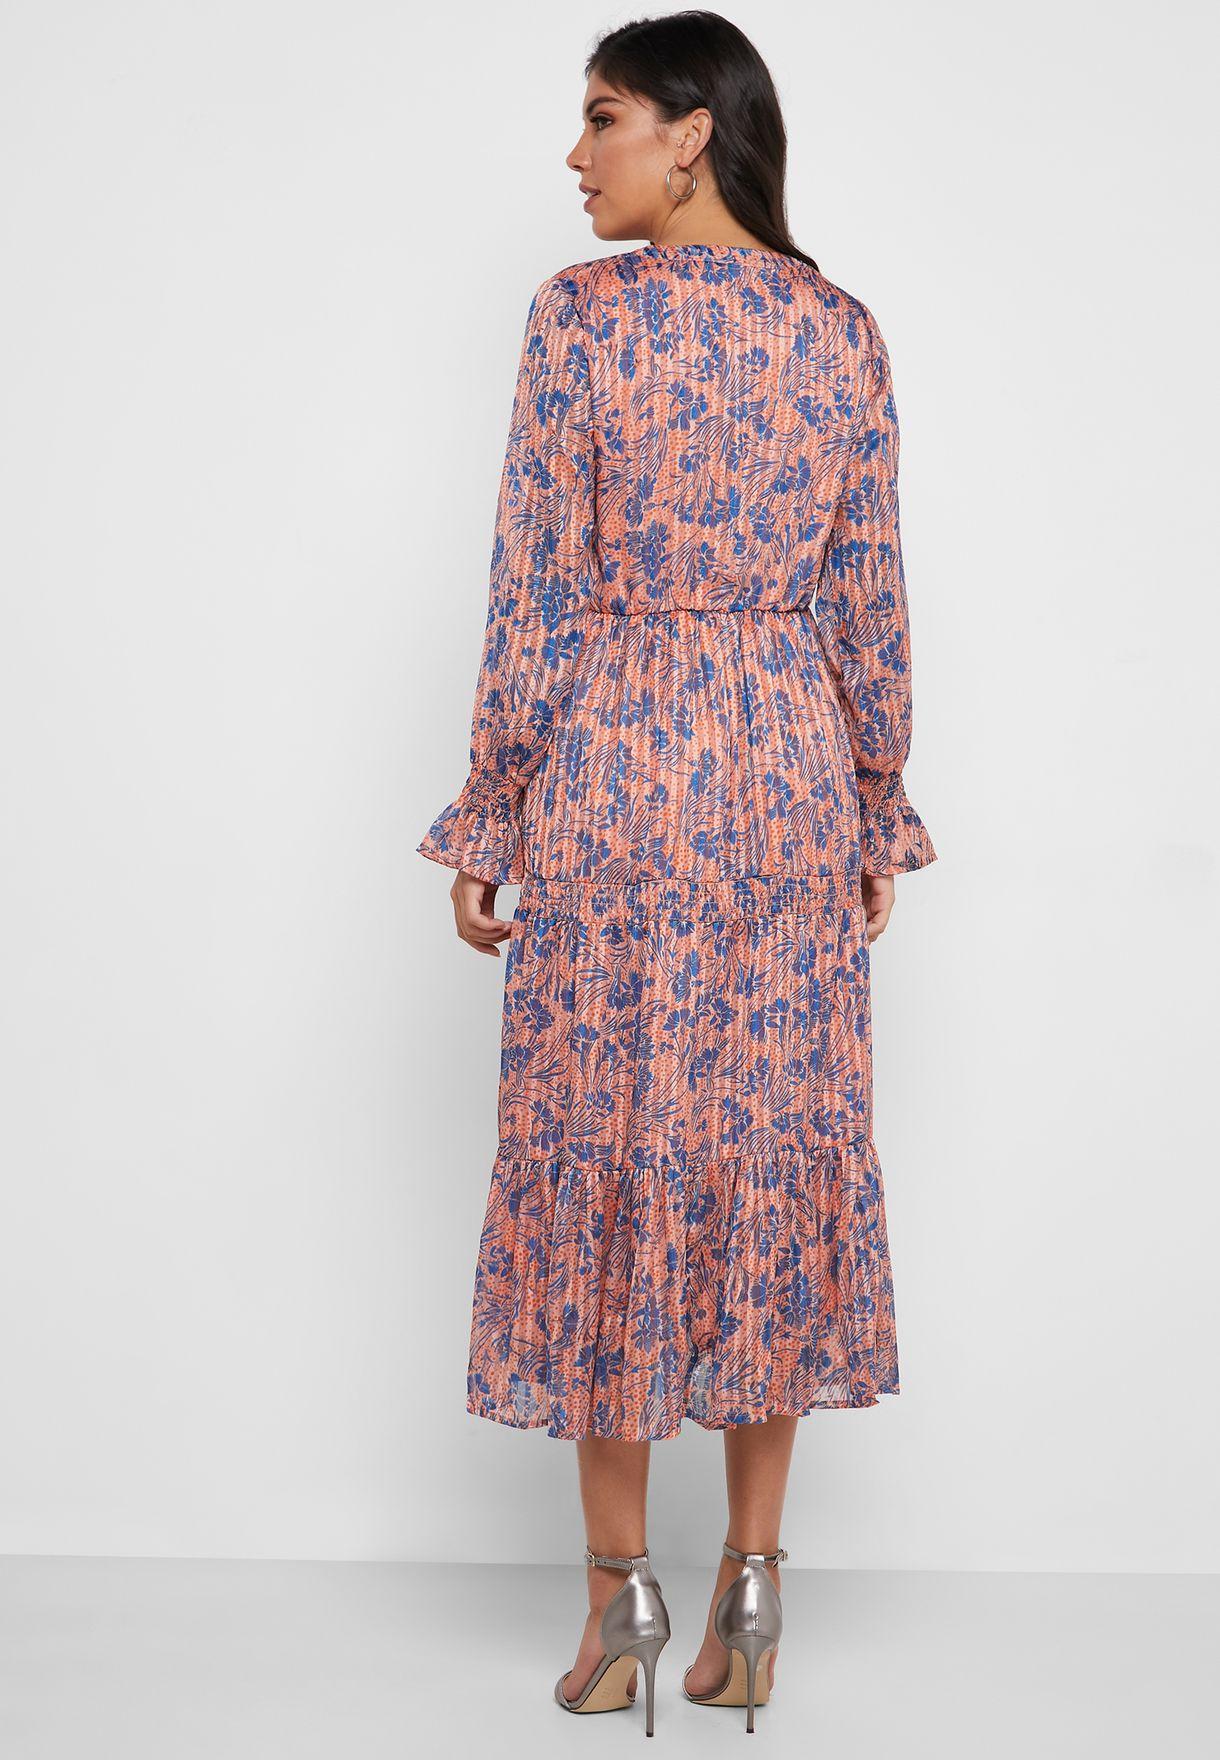 فستان بأكمام واسعة وطبعات ازهار